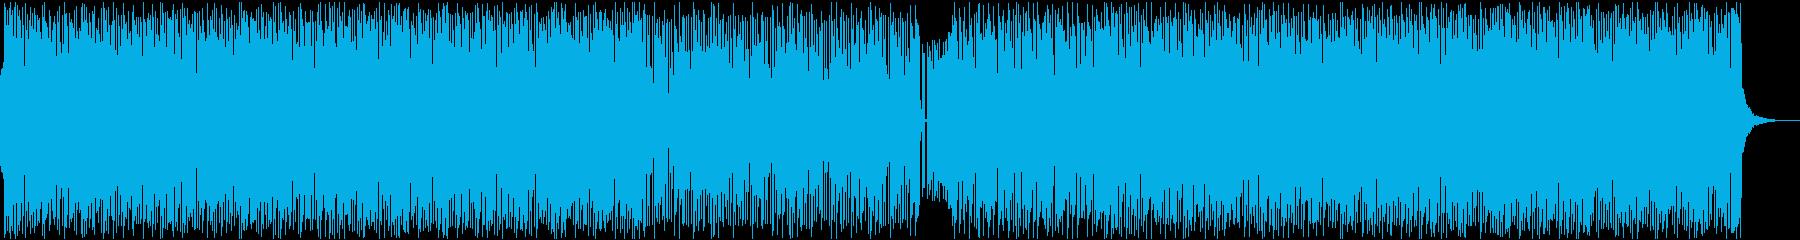 ノリノリ・ダンス・ディスコ・ステージの再生済みの波形